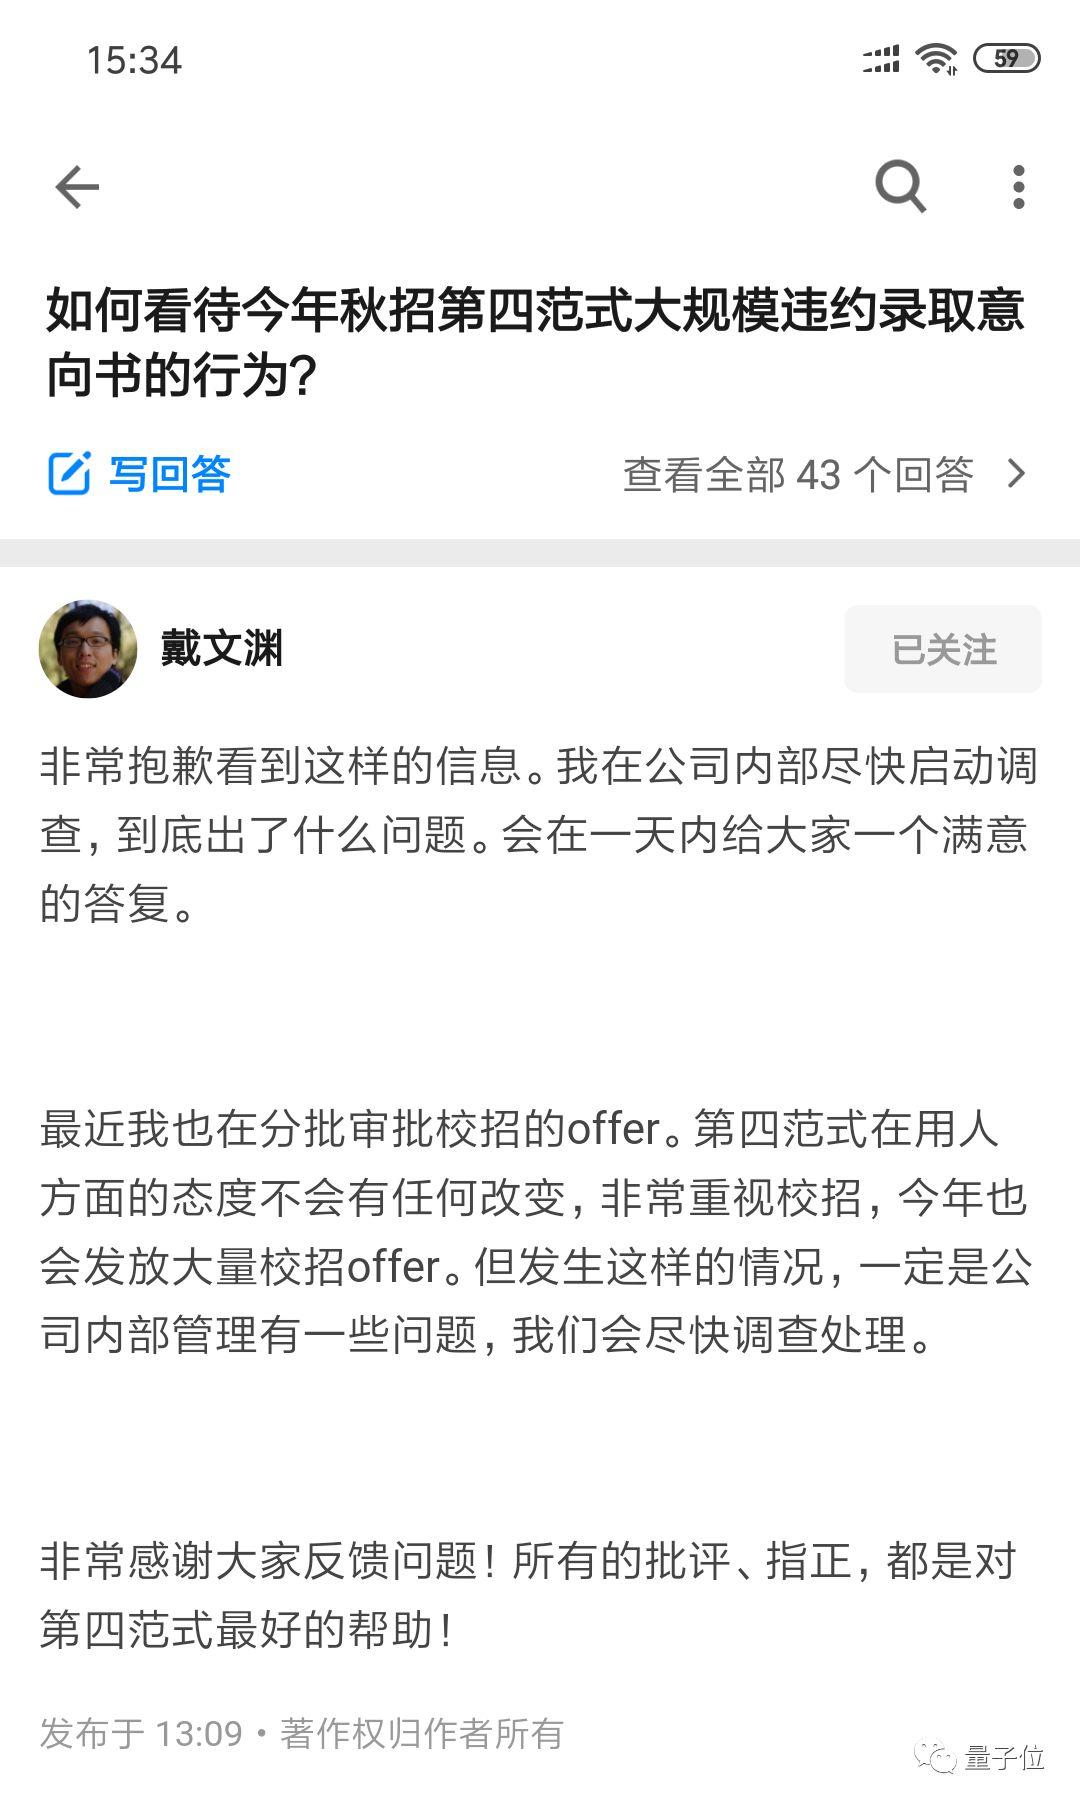 diss范式:明星AI公司秋招被爆大规模毁约;CEO戴文渊:责任在我有错认罚